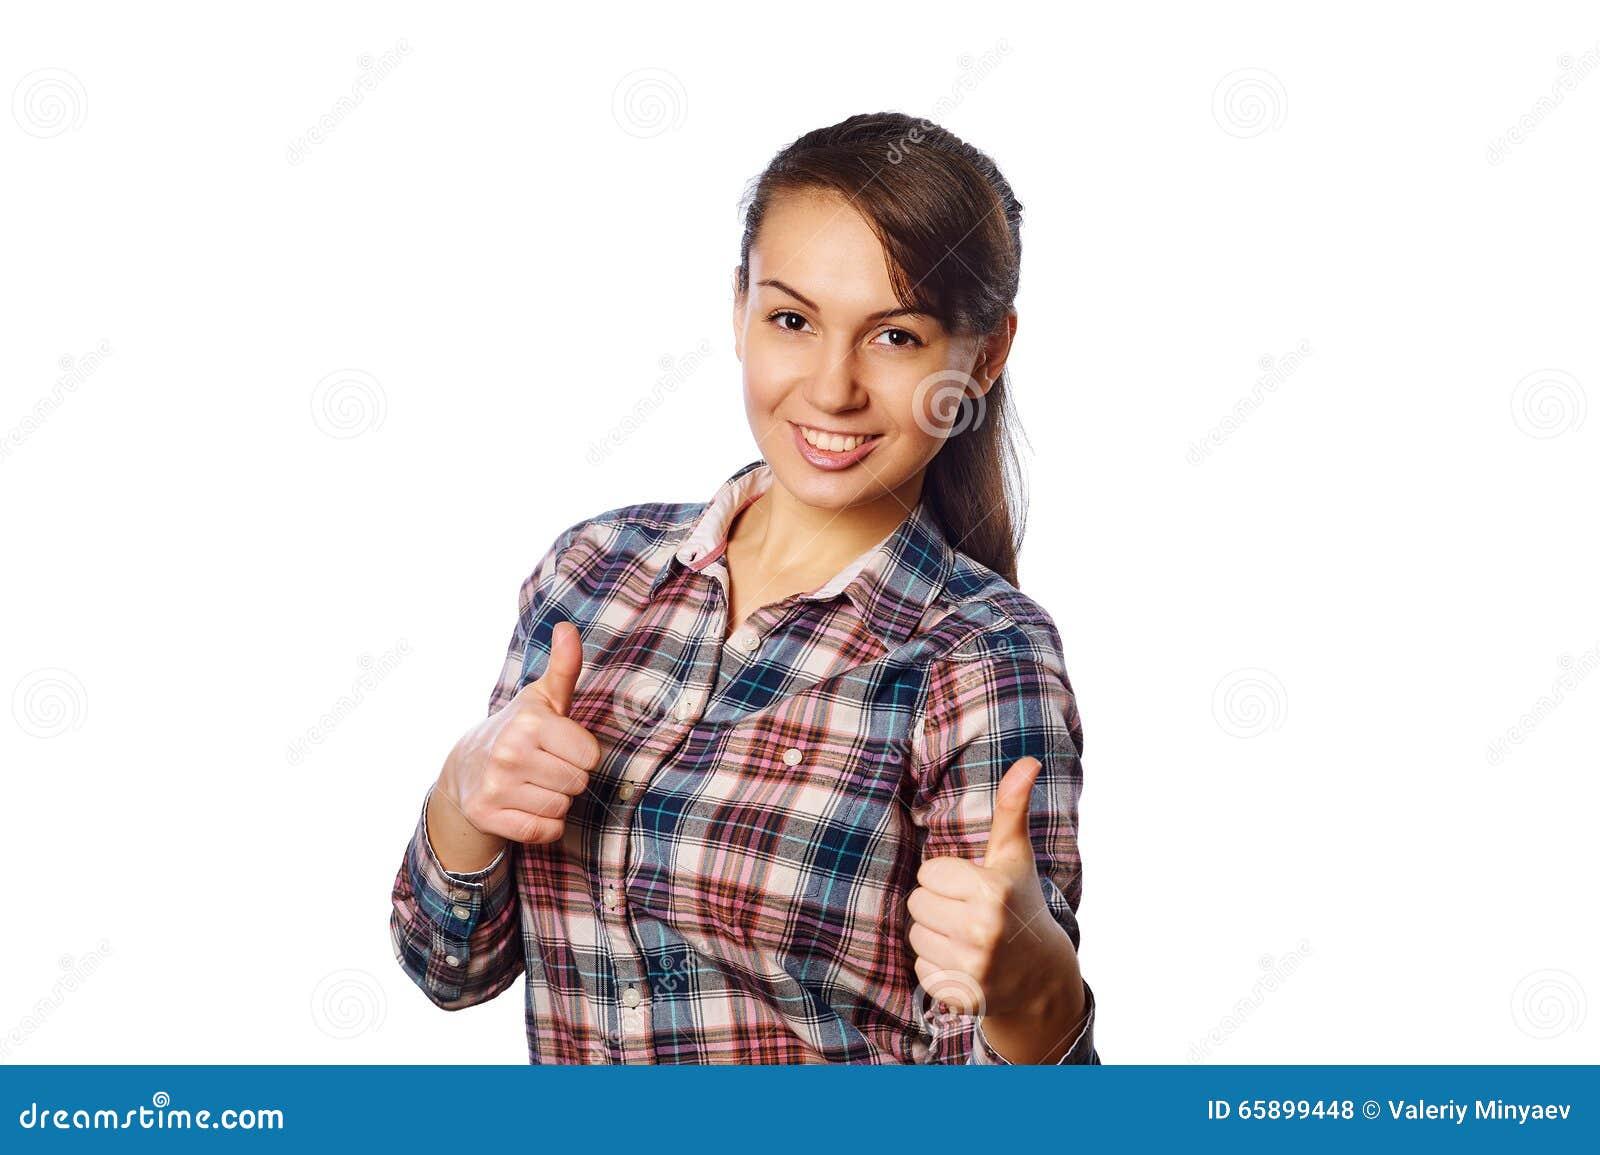 显示与两个的方格的衬衣的快乐的女孩赞许移交白色背景